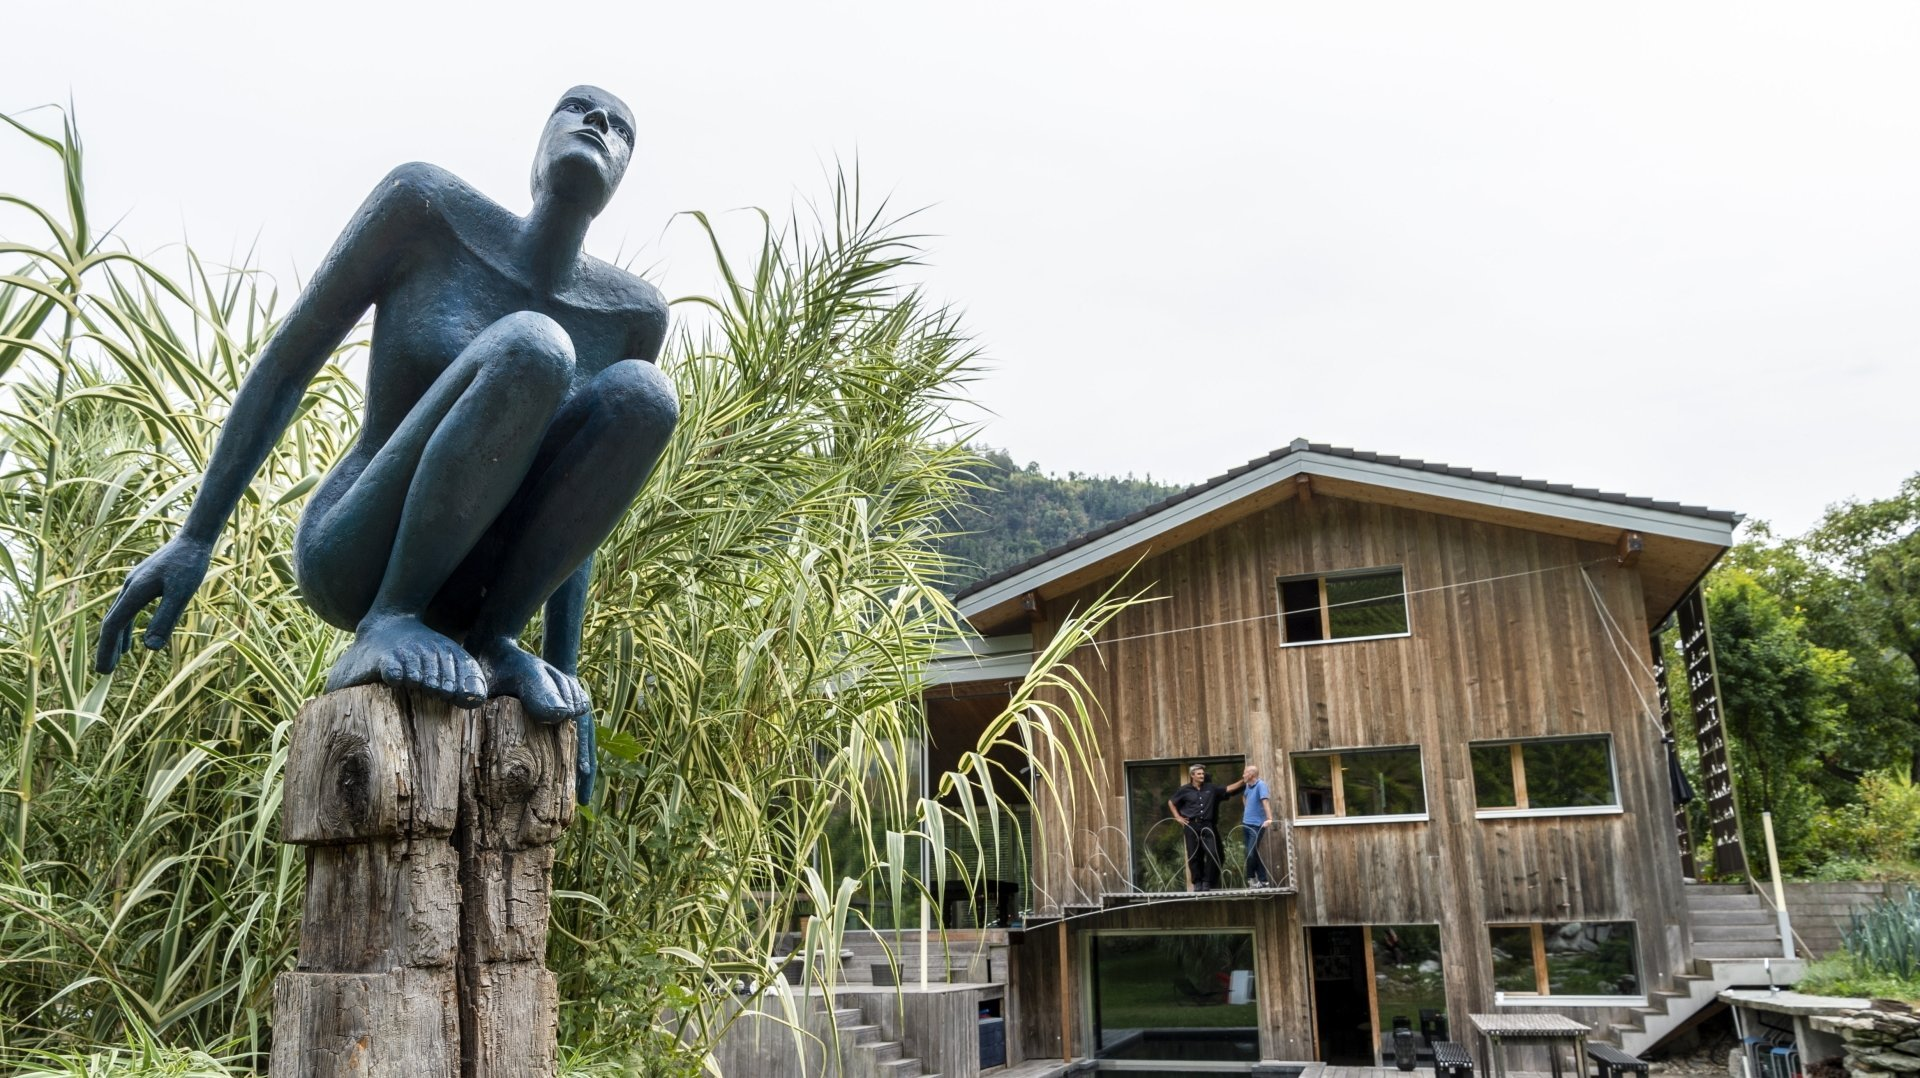 «Le saut de l'ange» de Josette Taramarcaz, exposé dans le jardin, et accessible à la vente lors de la visite du 29 septembre. Et au fond, sur le balcon, Mathieu Rouillet et Thierry Debons, directeur du Conservatoire cantonal et responsable des performances lors des événements.